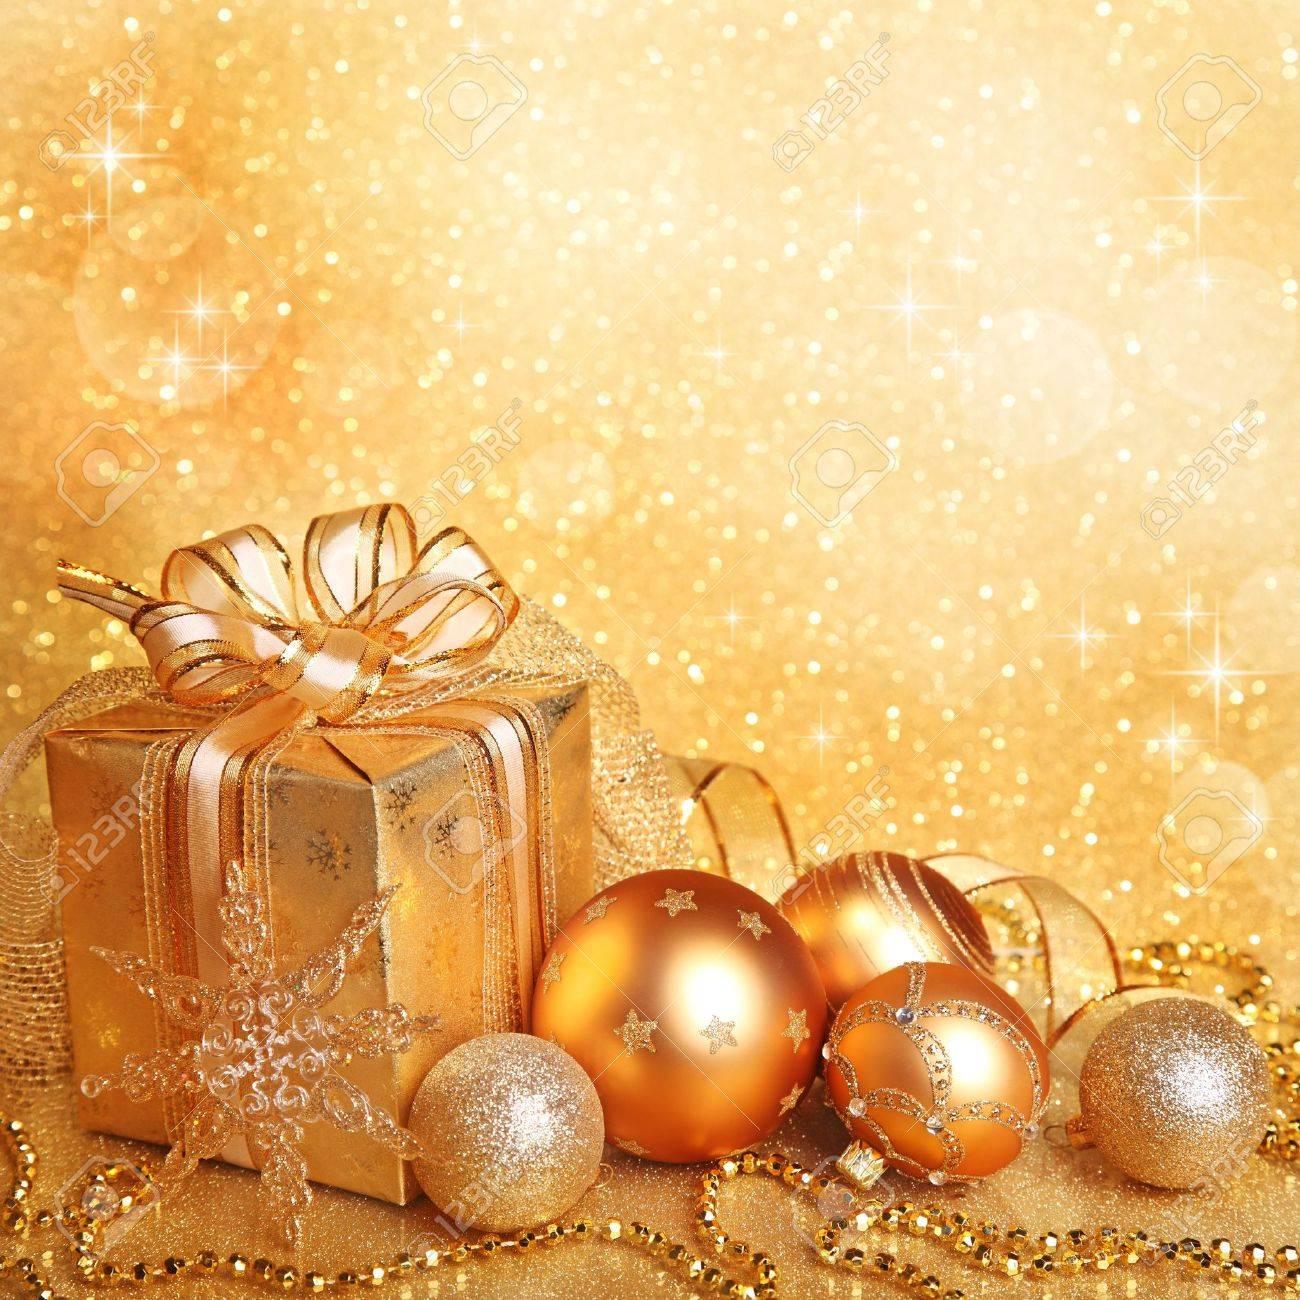 Christmas gift box with christmas balls Stock Photo - 10172199